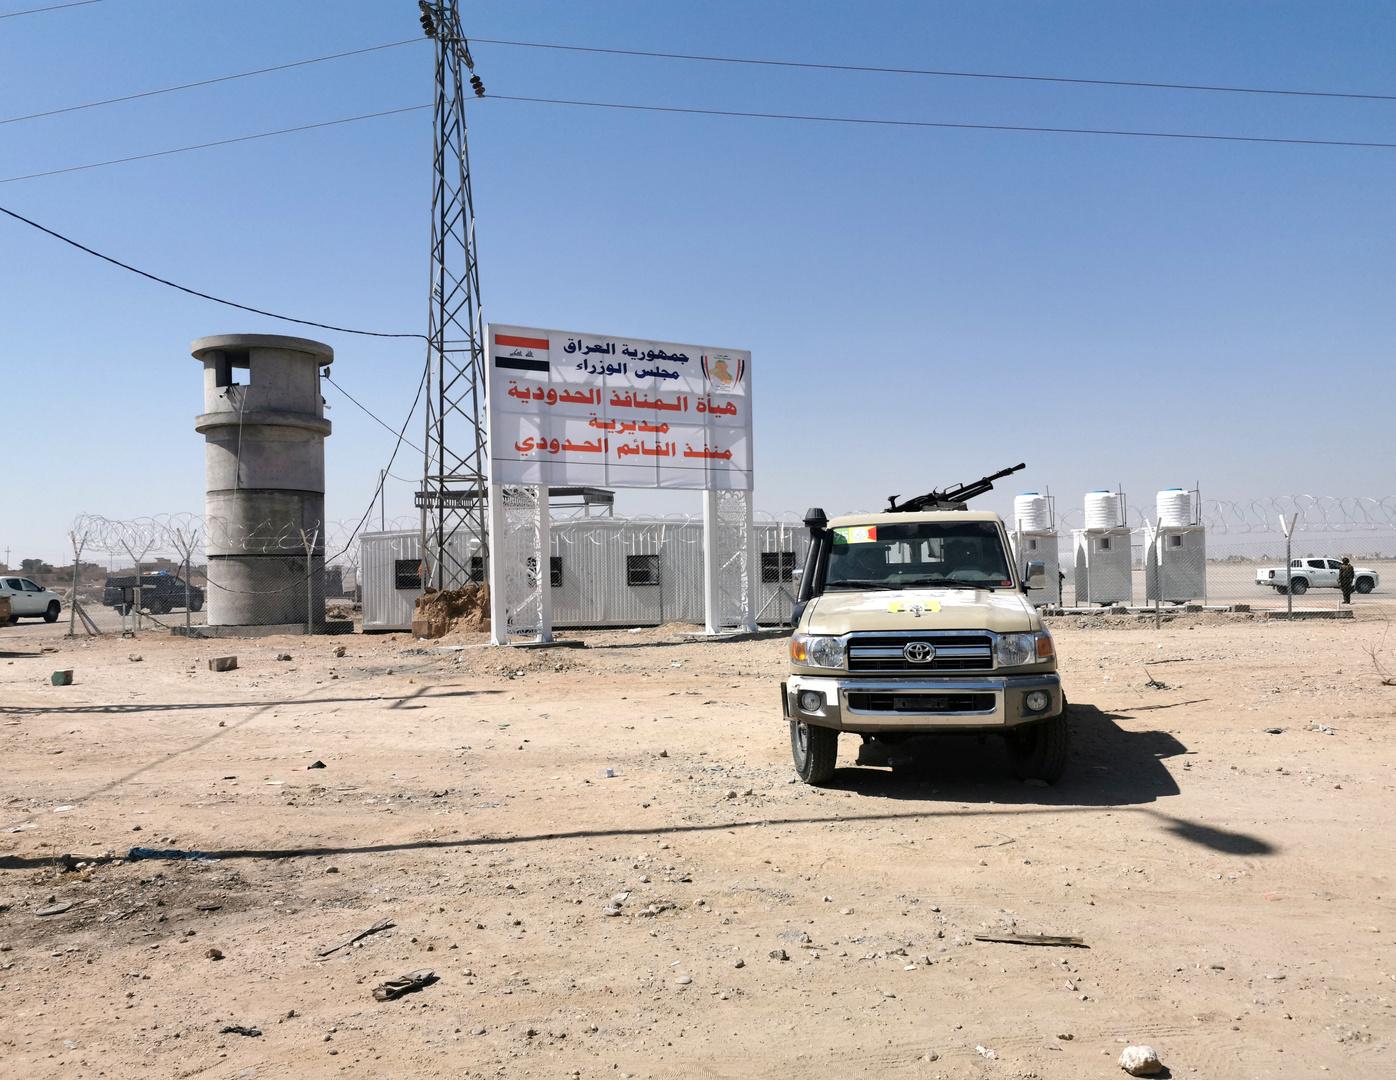 القوات العراقية عن القصف التركي: لن نتسامح بهدر الدم العراقي